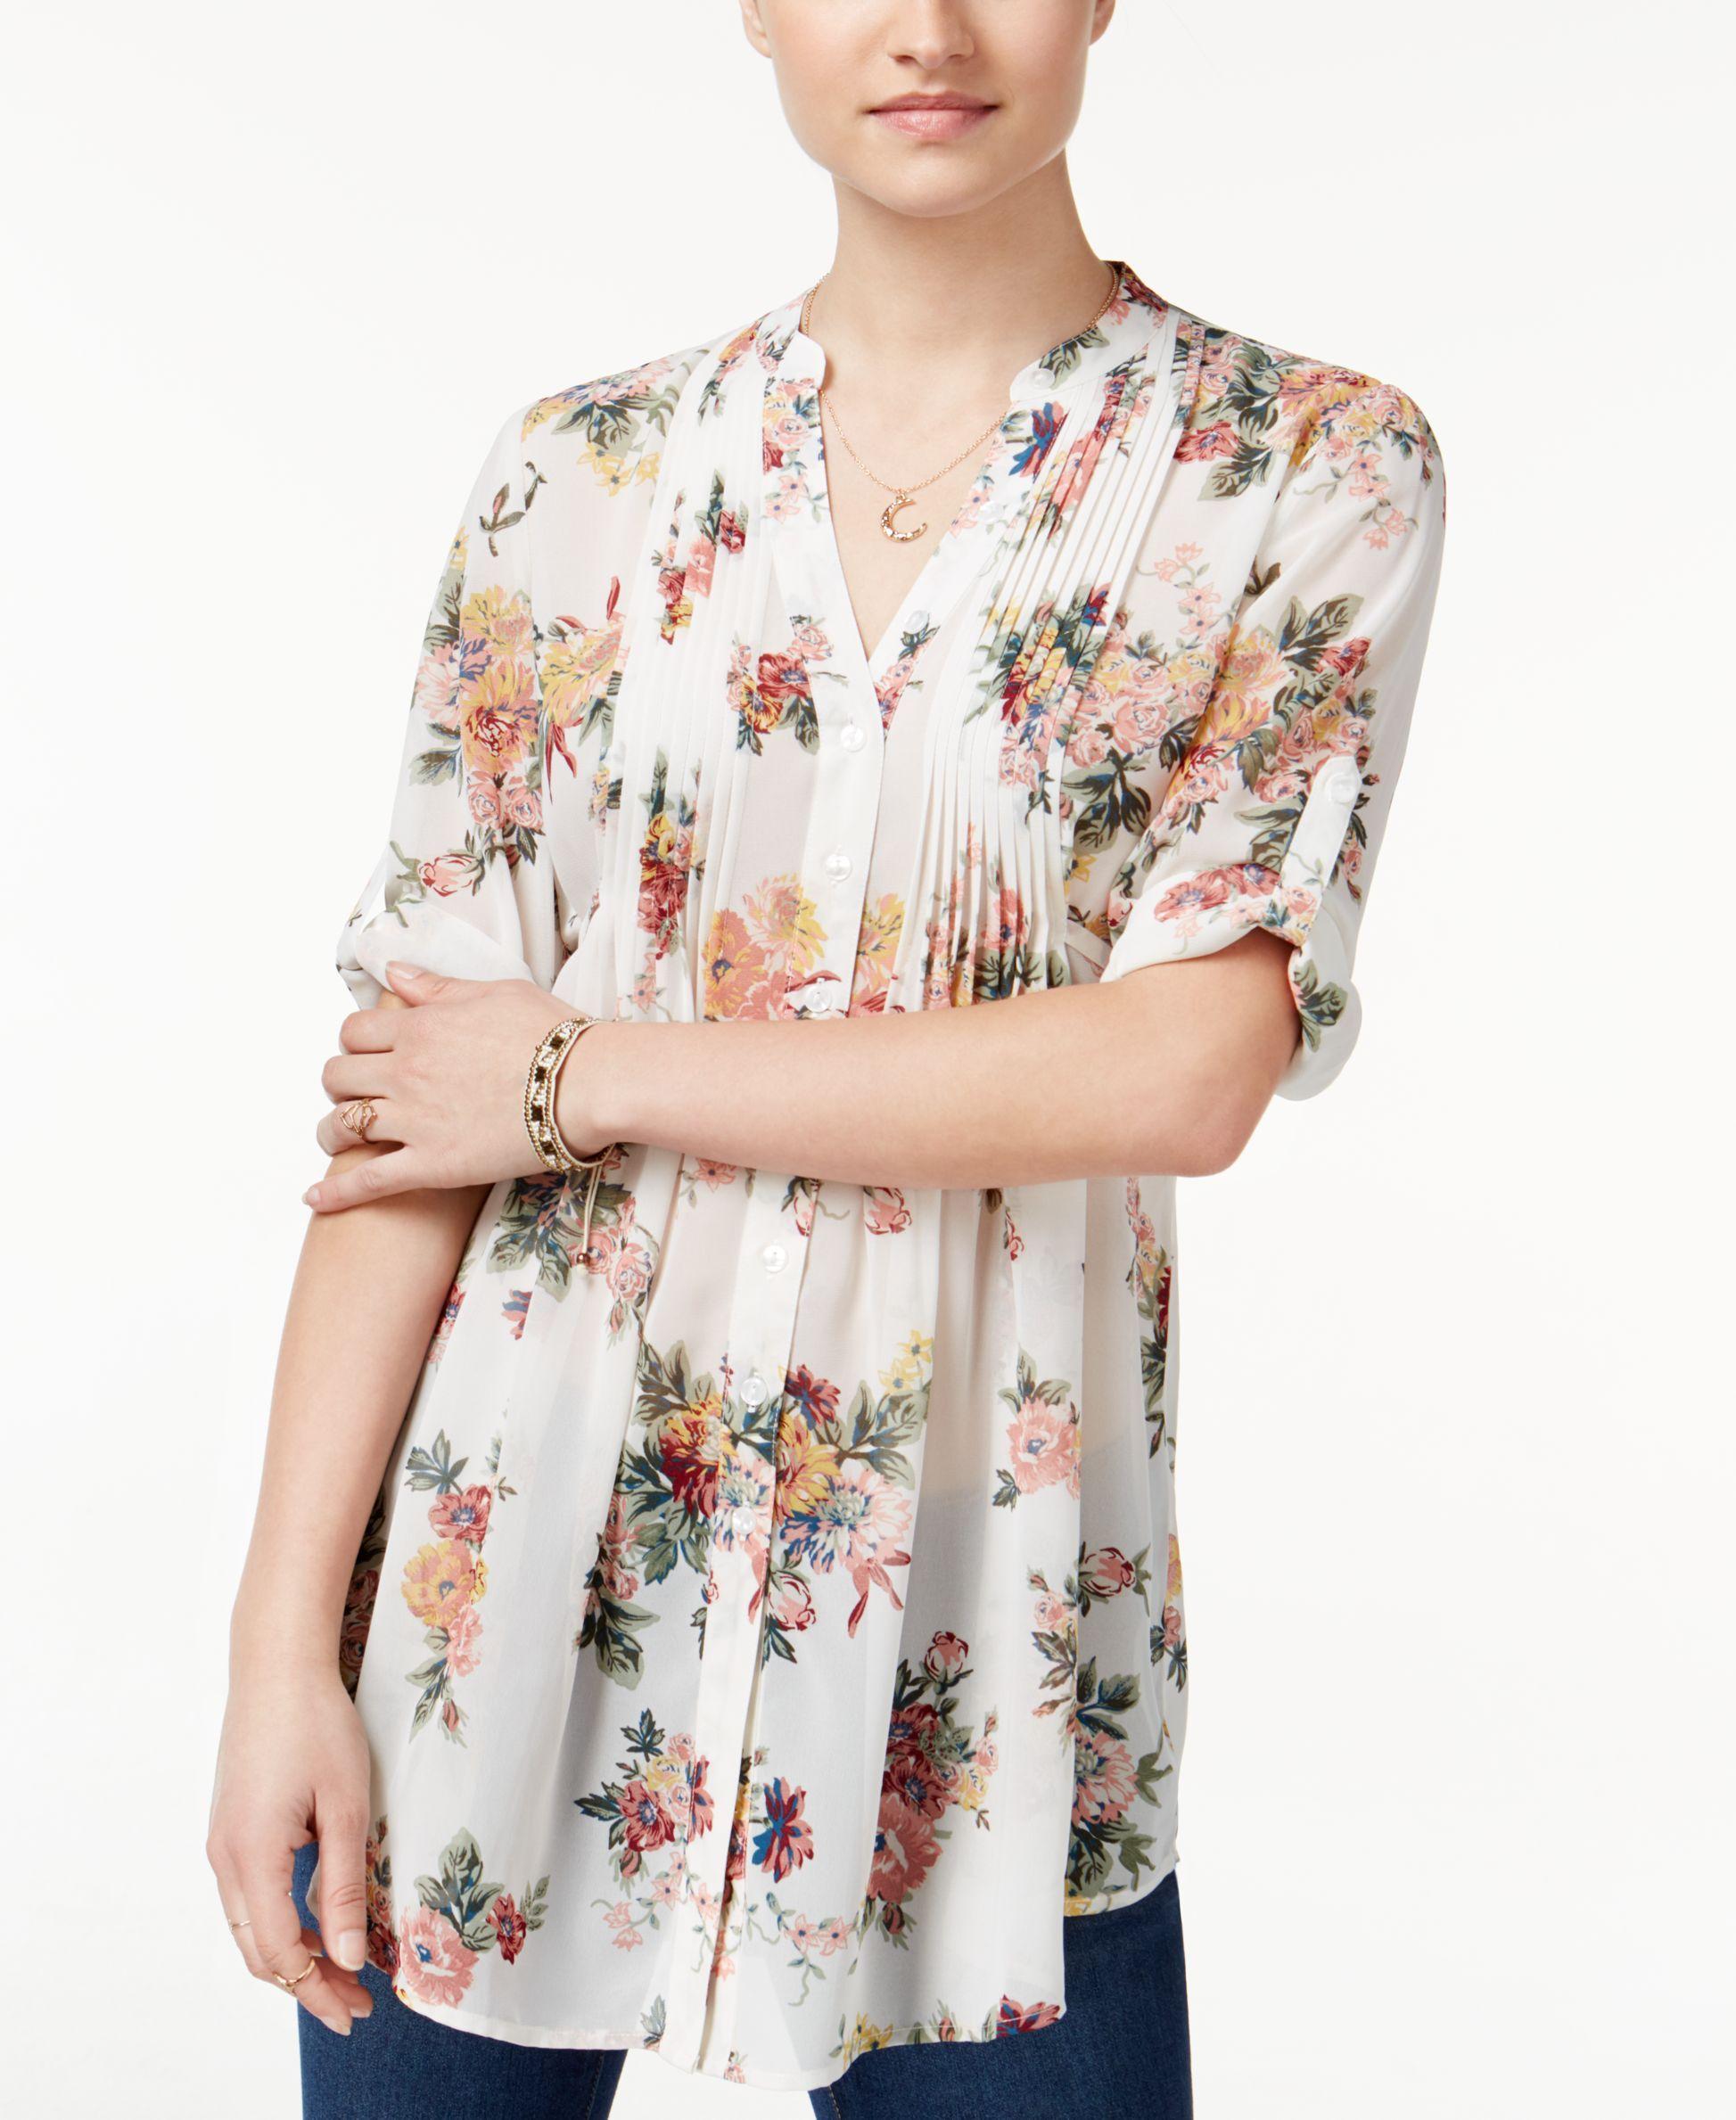 241df61cf018b American Rag Pintucked Floral-Print Blouse